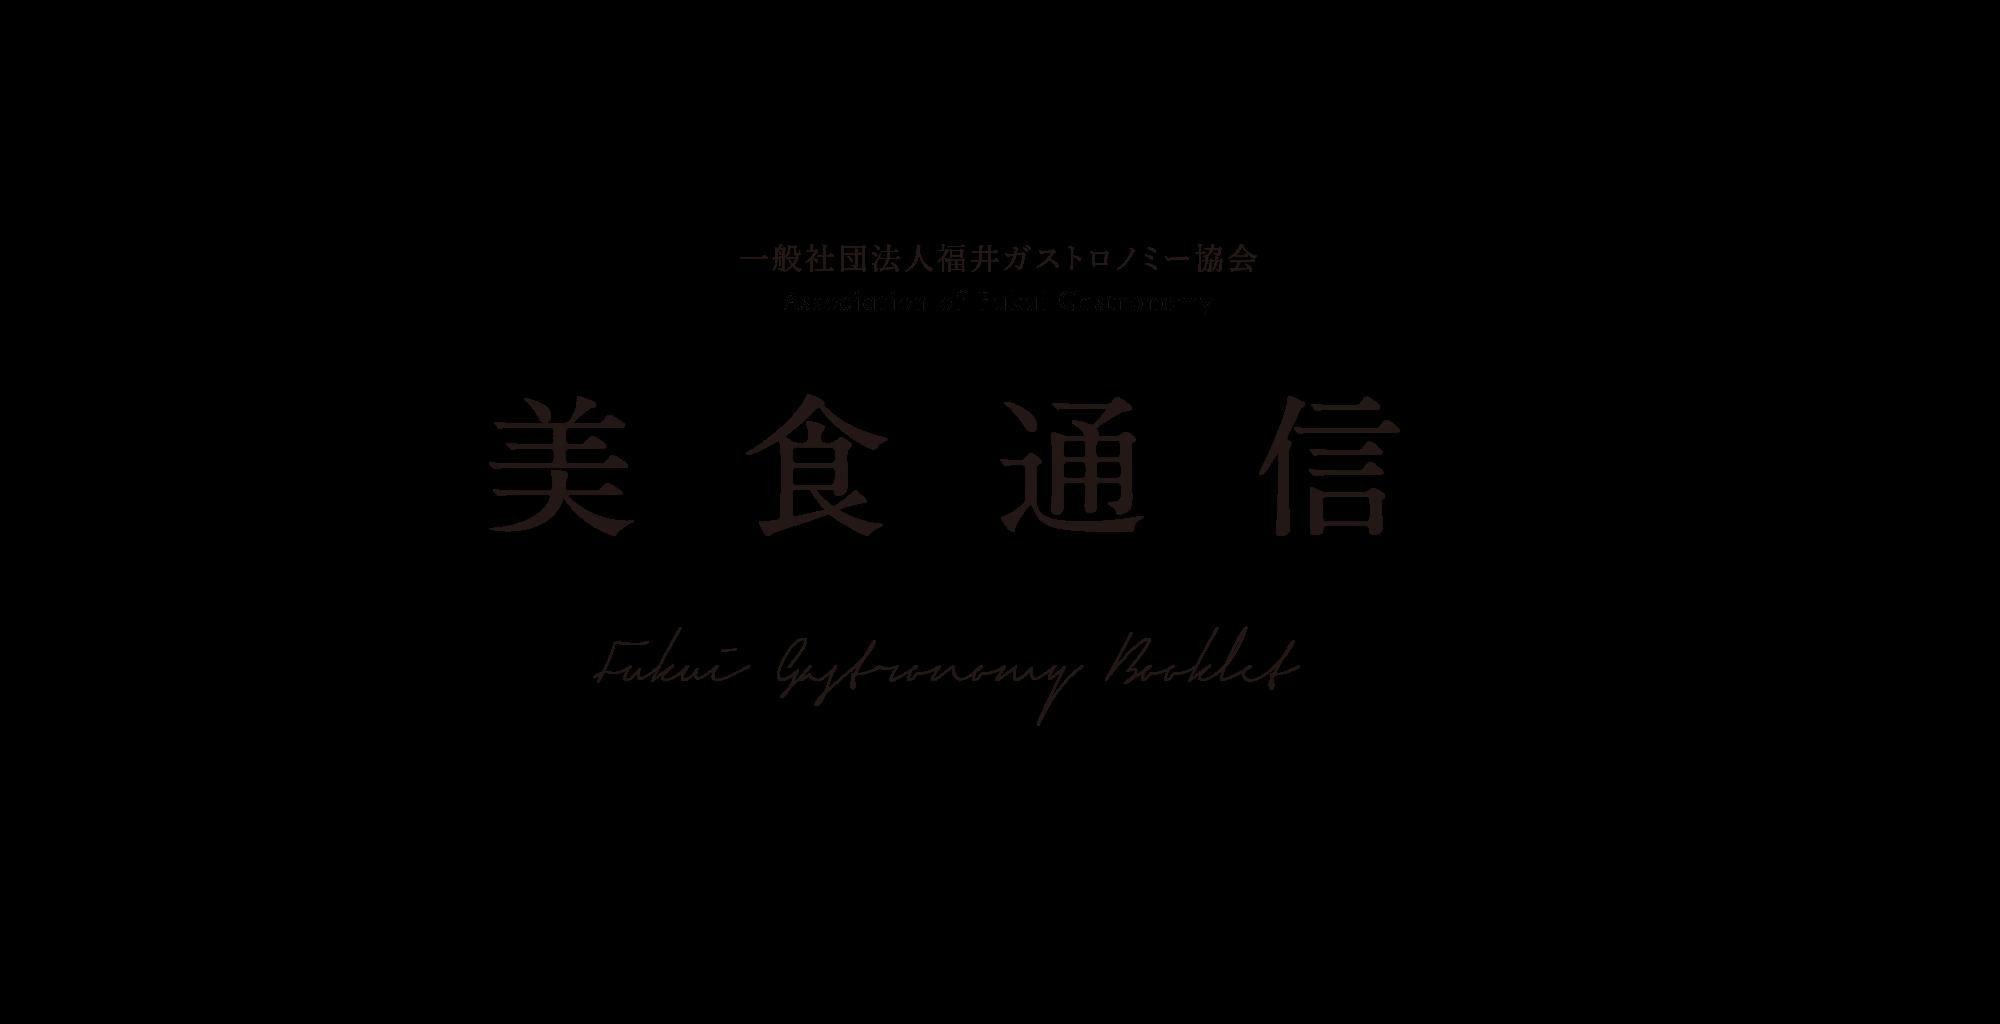 福井ガストロノミー協会